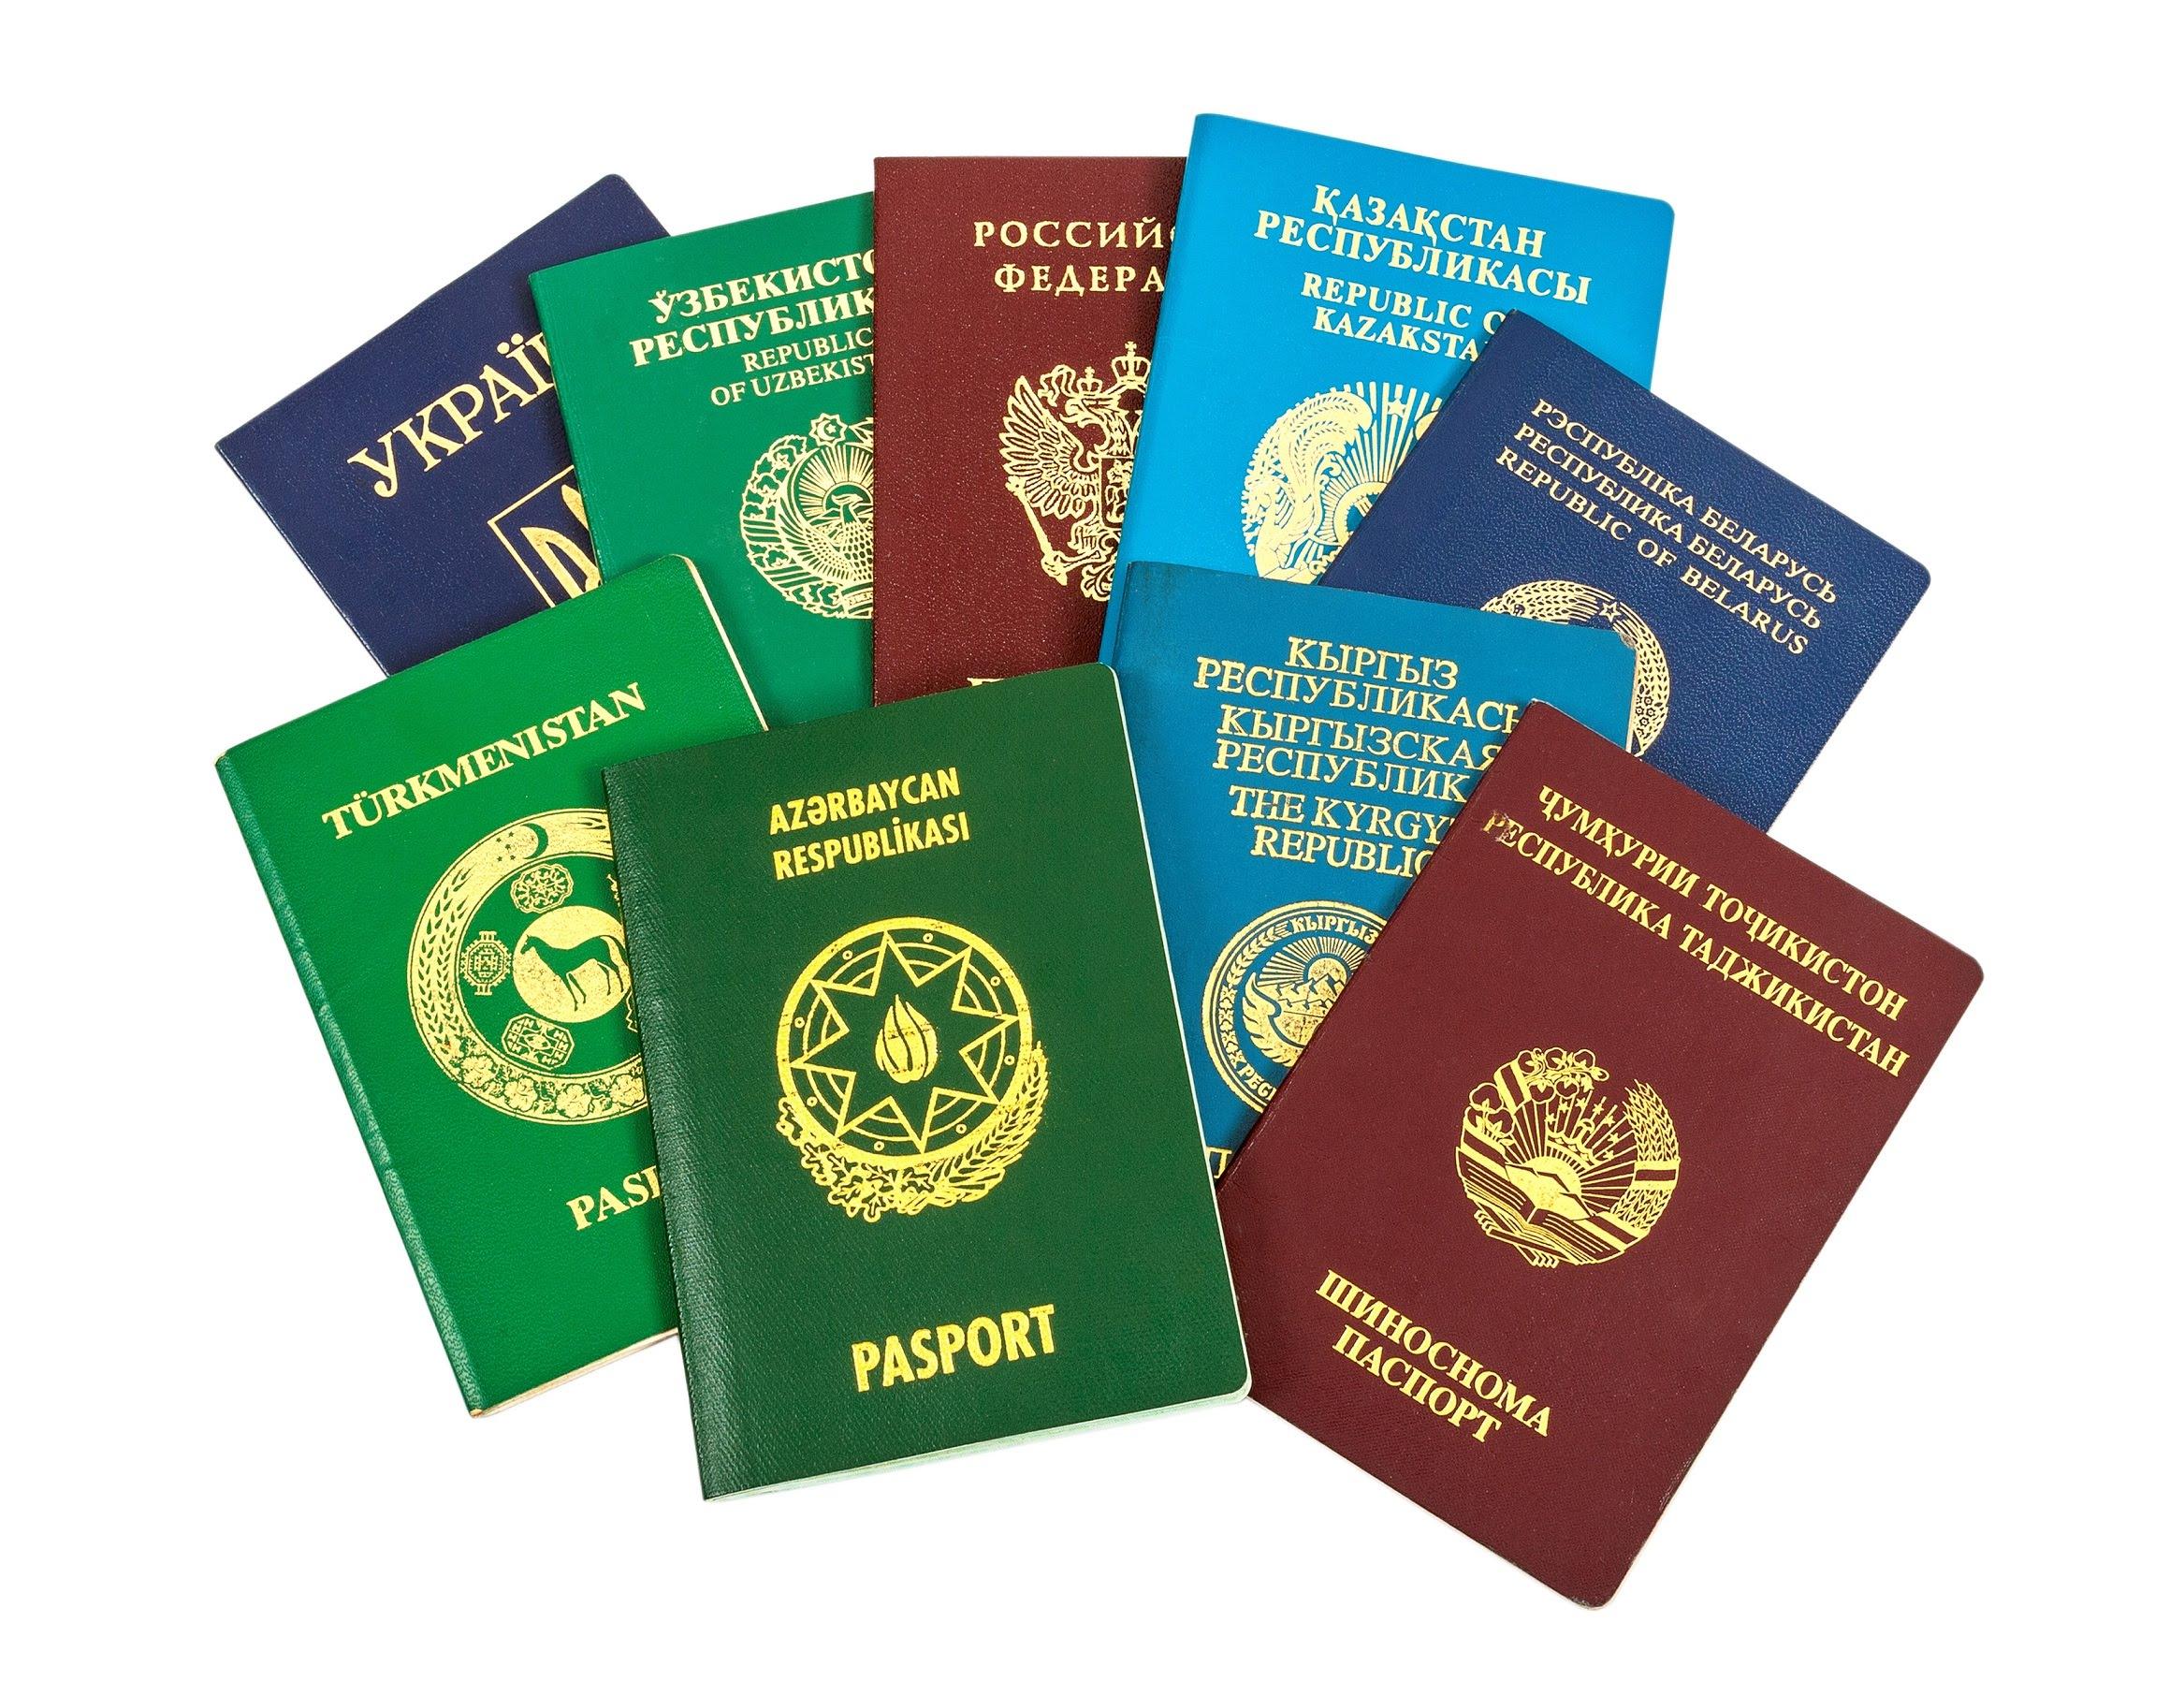 шенгенская виза италия, документы для визы, получение визы, визовые центры